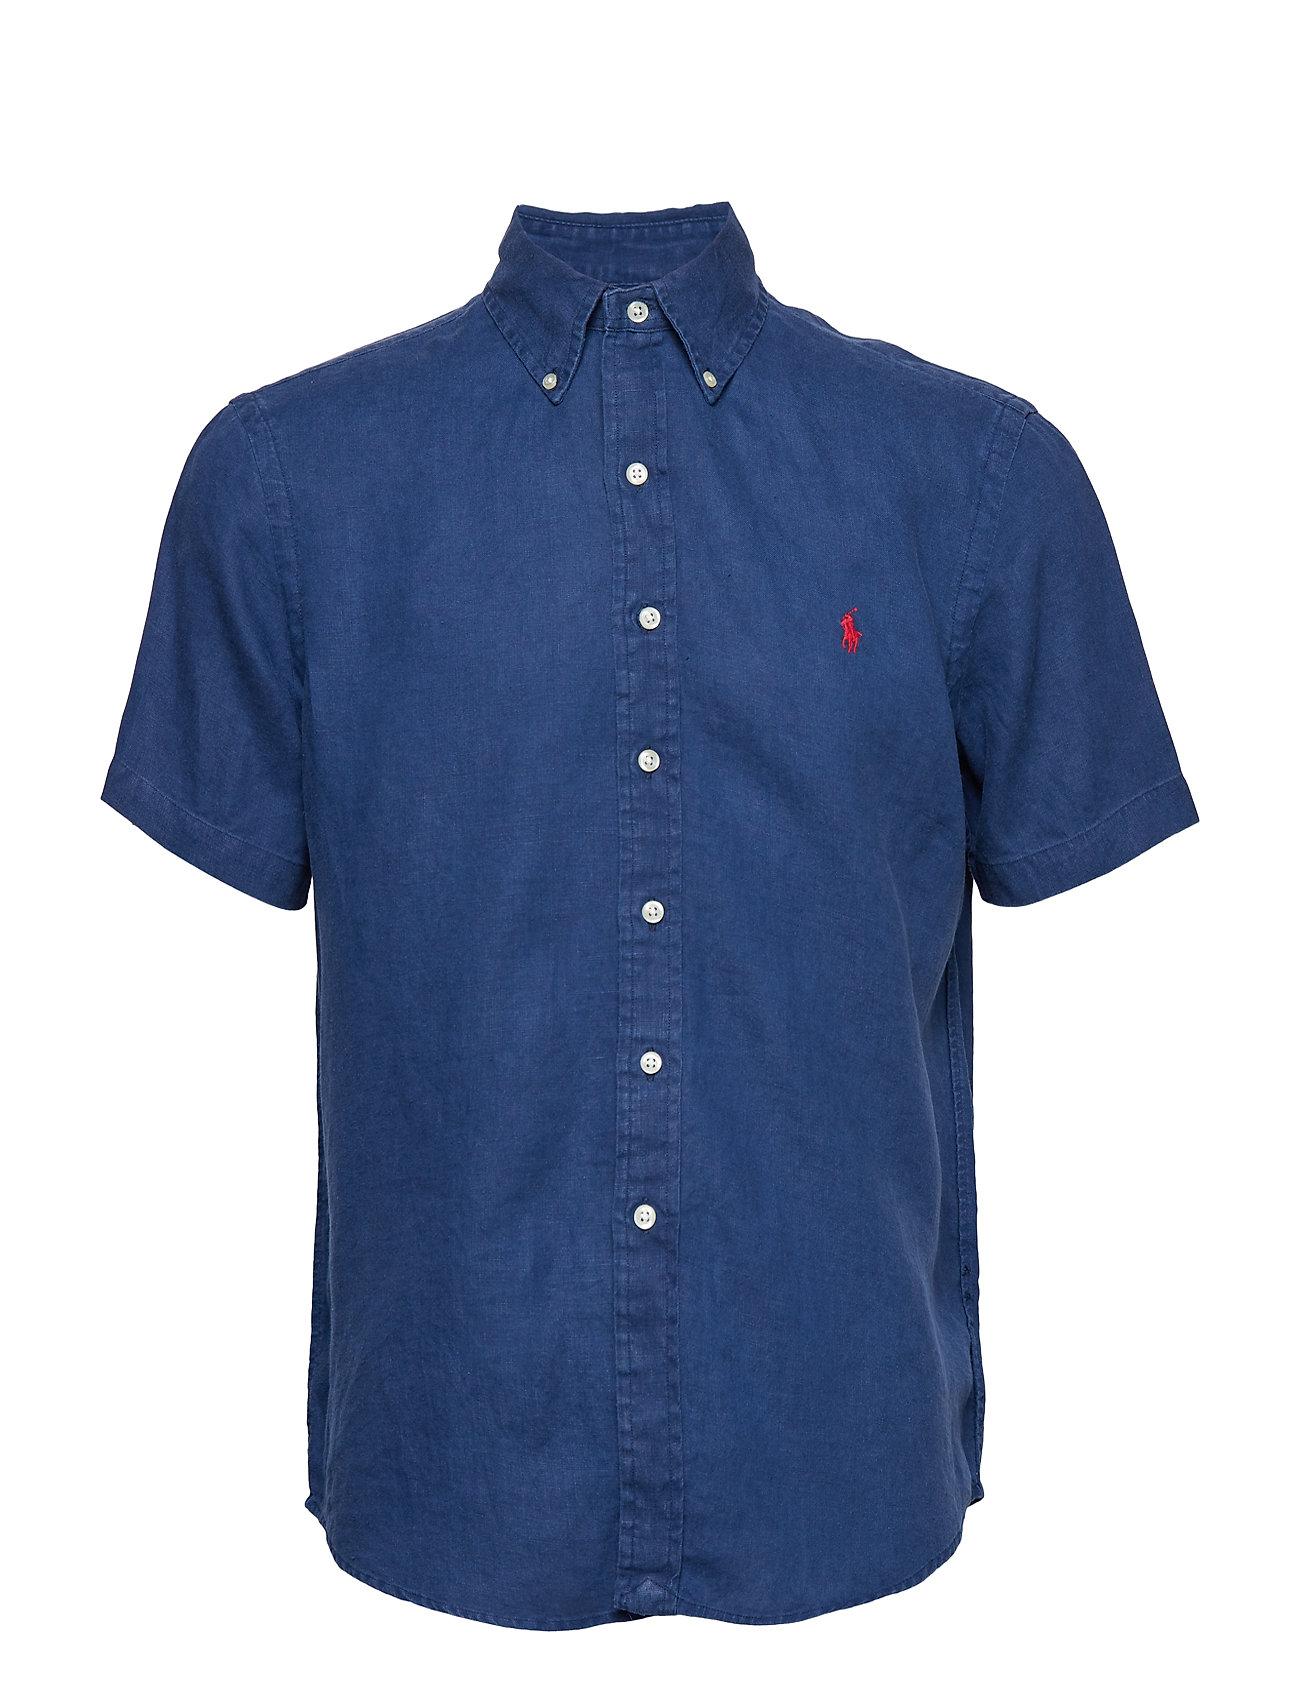 Polo Ralph Lauren Classic Fit Linen Shirt - HOLIDAY NAVY